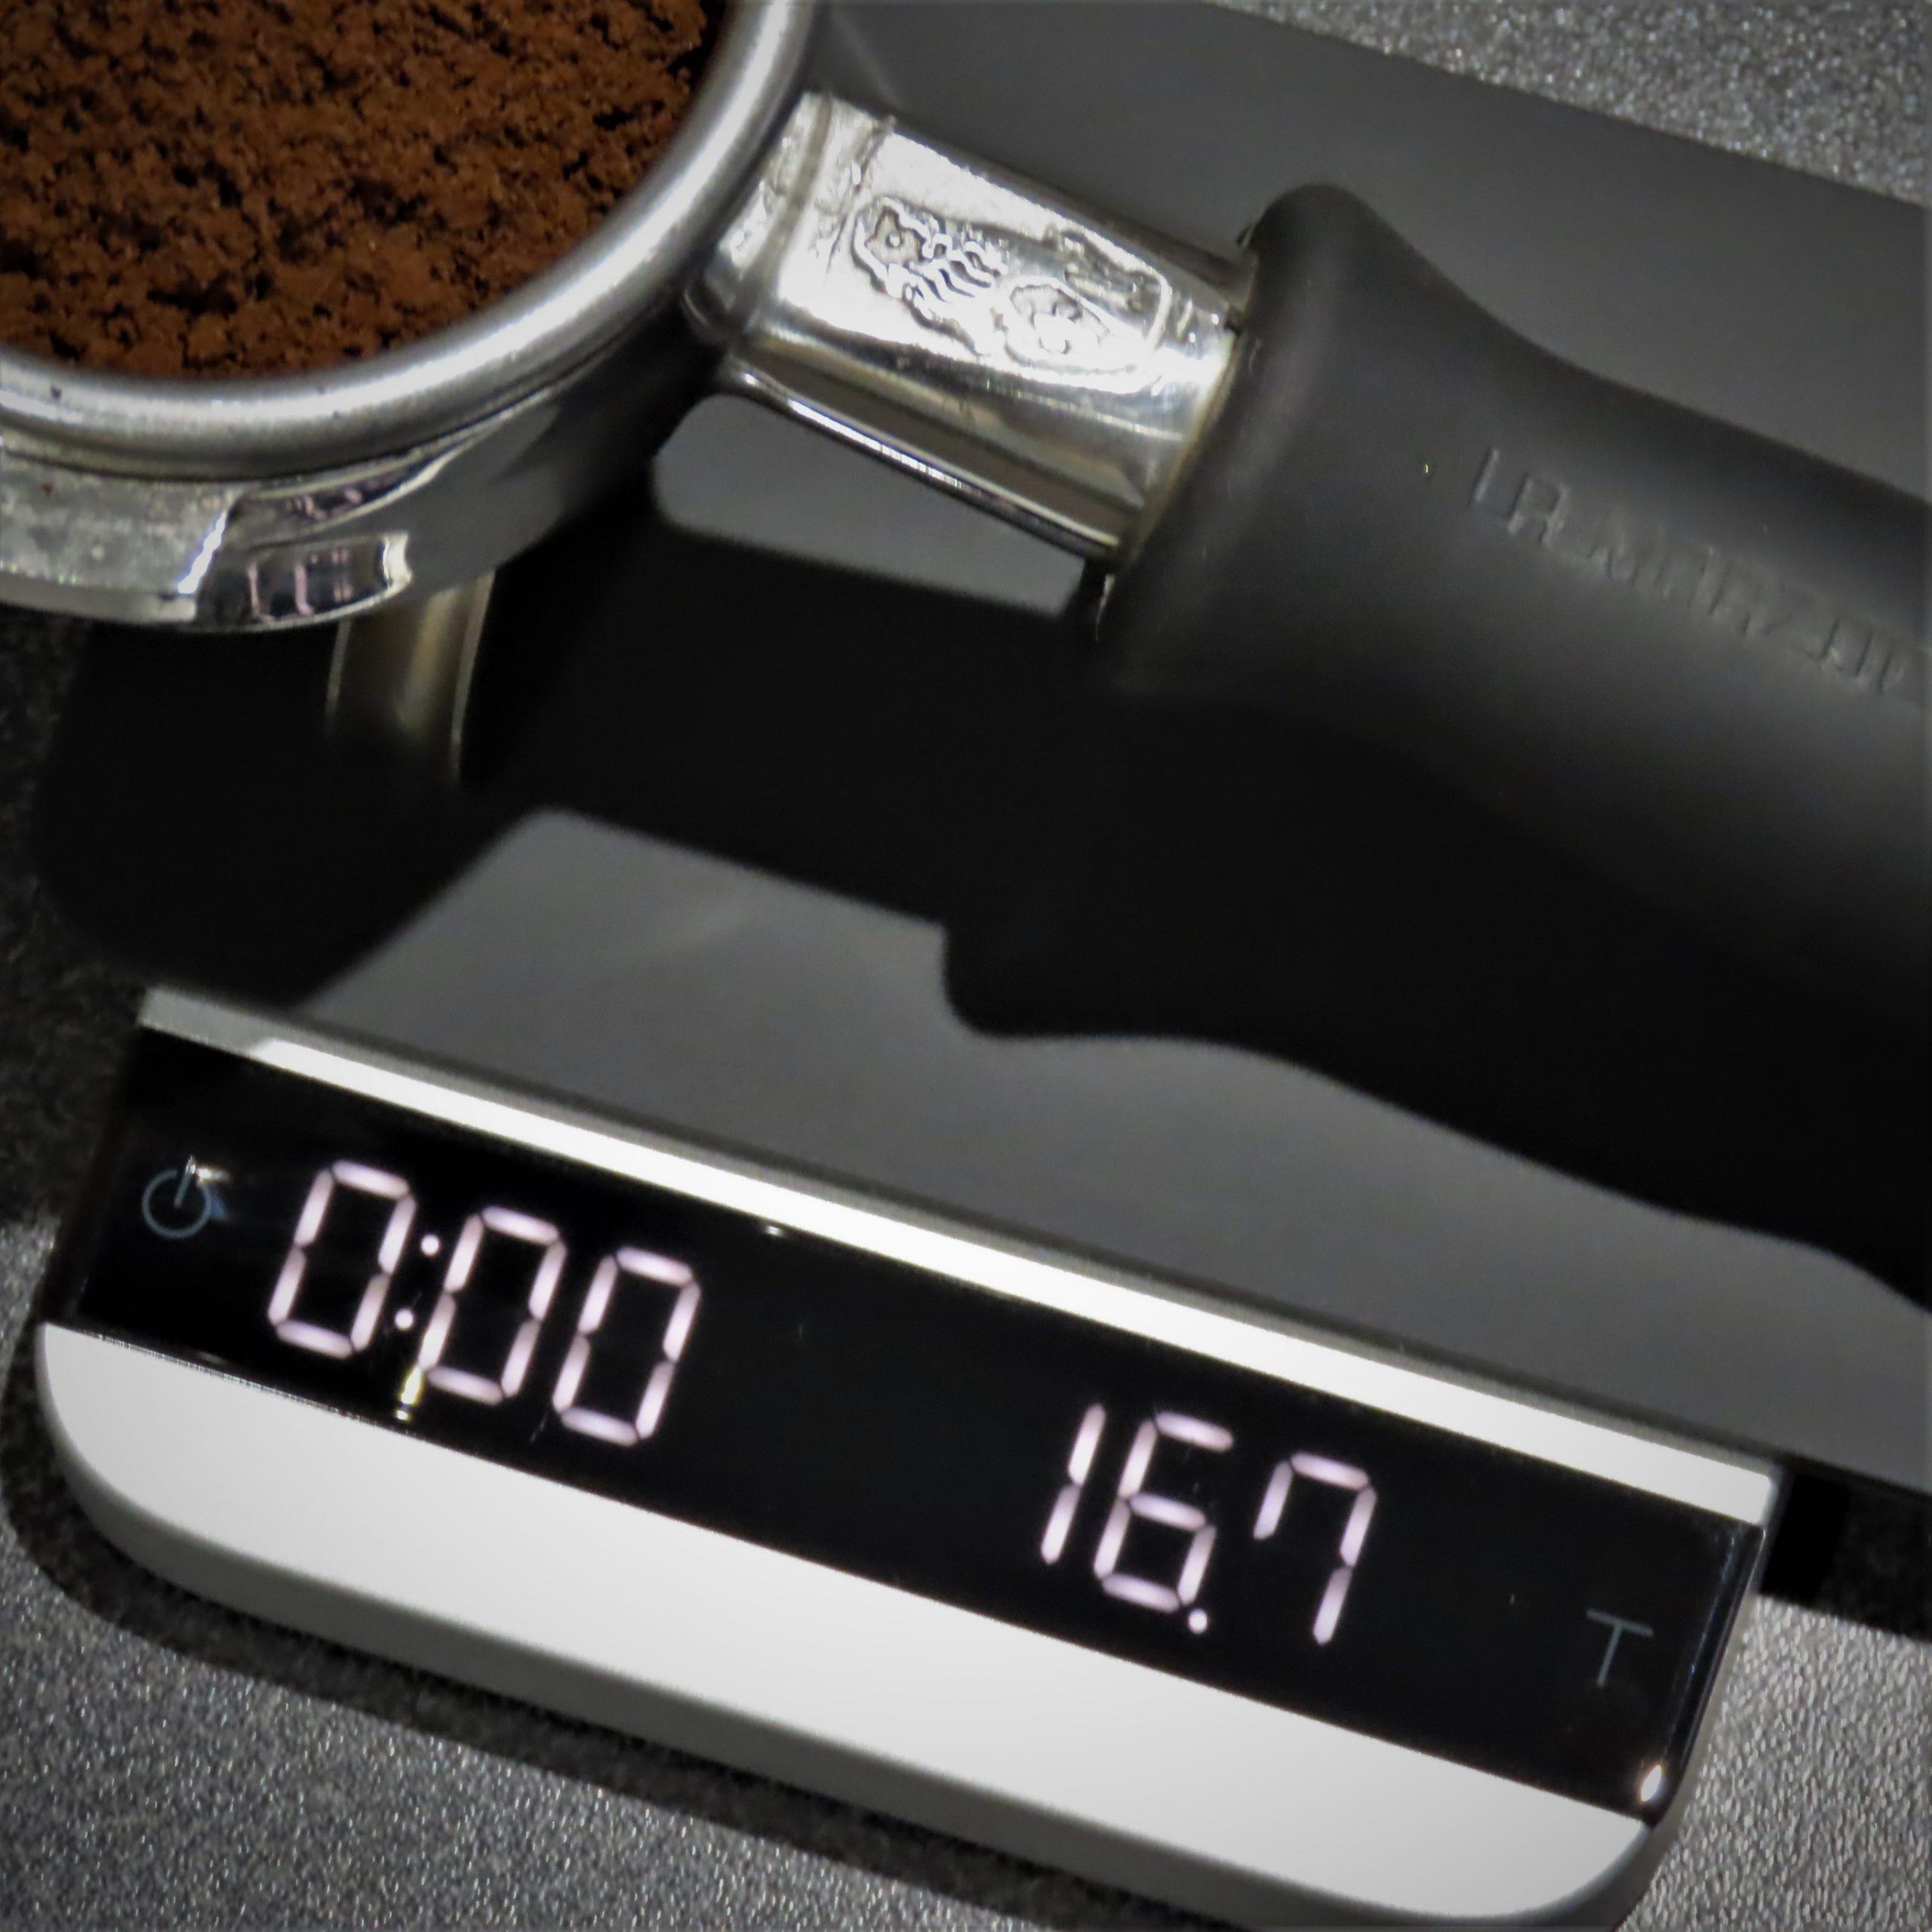 Acaia Lunar espresso scales